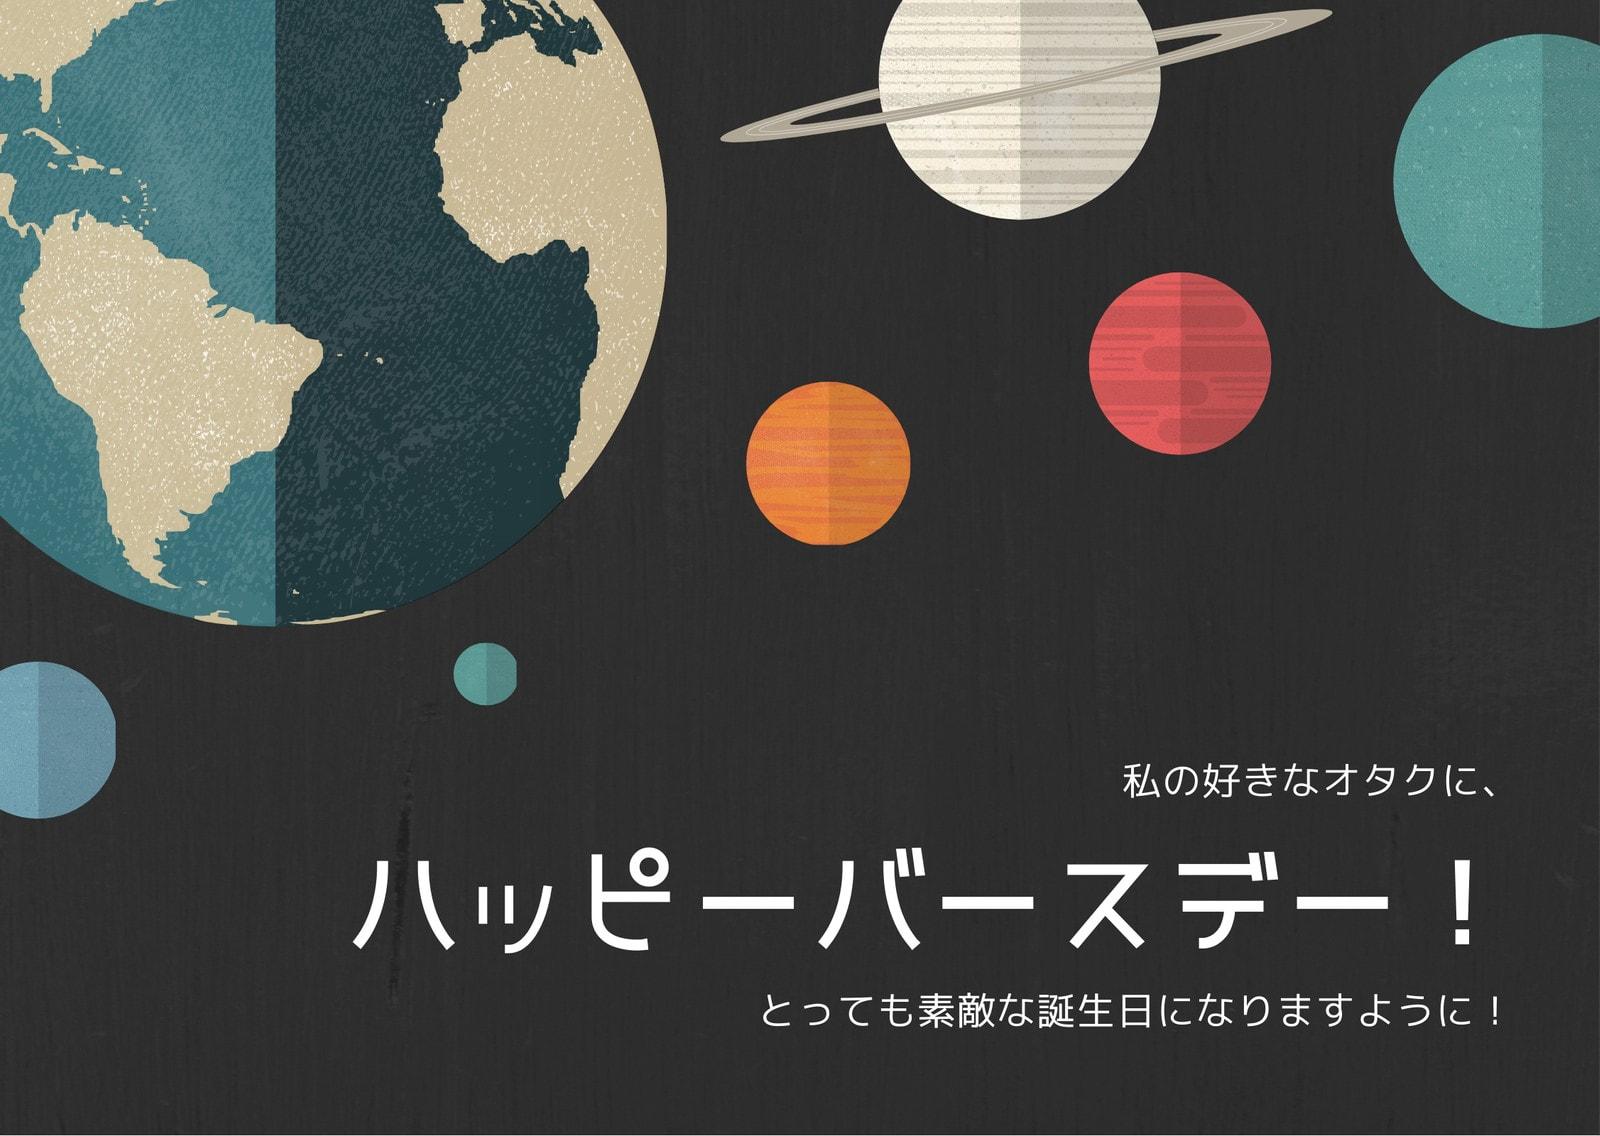 カラフル 木の質感 惑星 オタク 誕生日カード